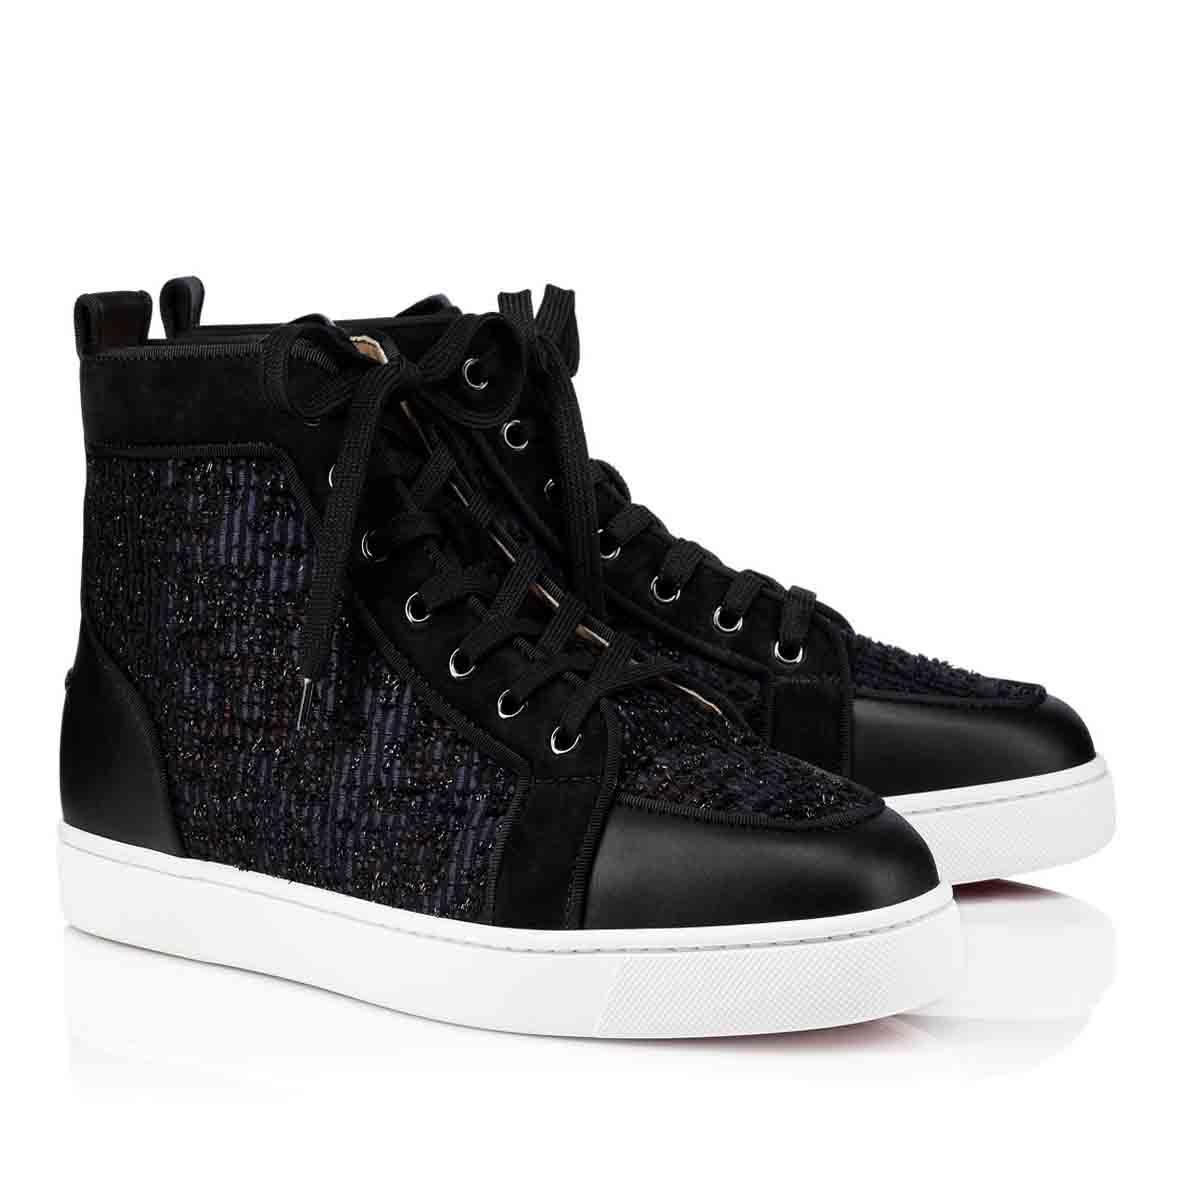 جديد عالية أعلى أحذية رياضية أحمر أسفل الشقق أحذية رجالية جونيور p ستراس أورلو رنط حذاء رياضة شقة مع الأزرق الجاكار، مصممي الفم الروسي